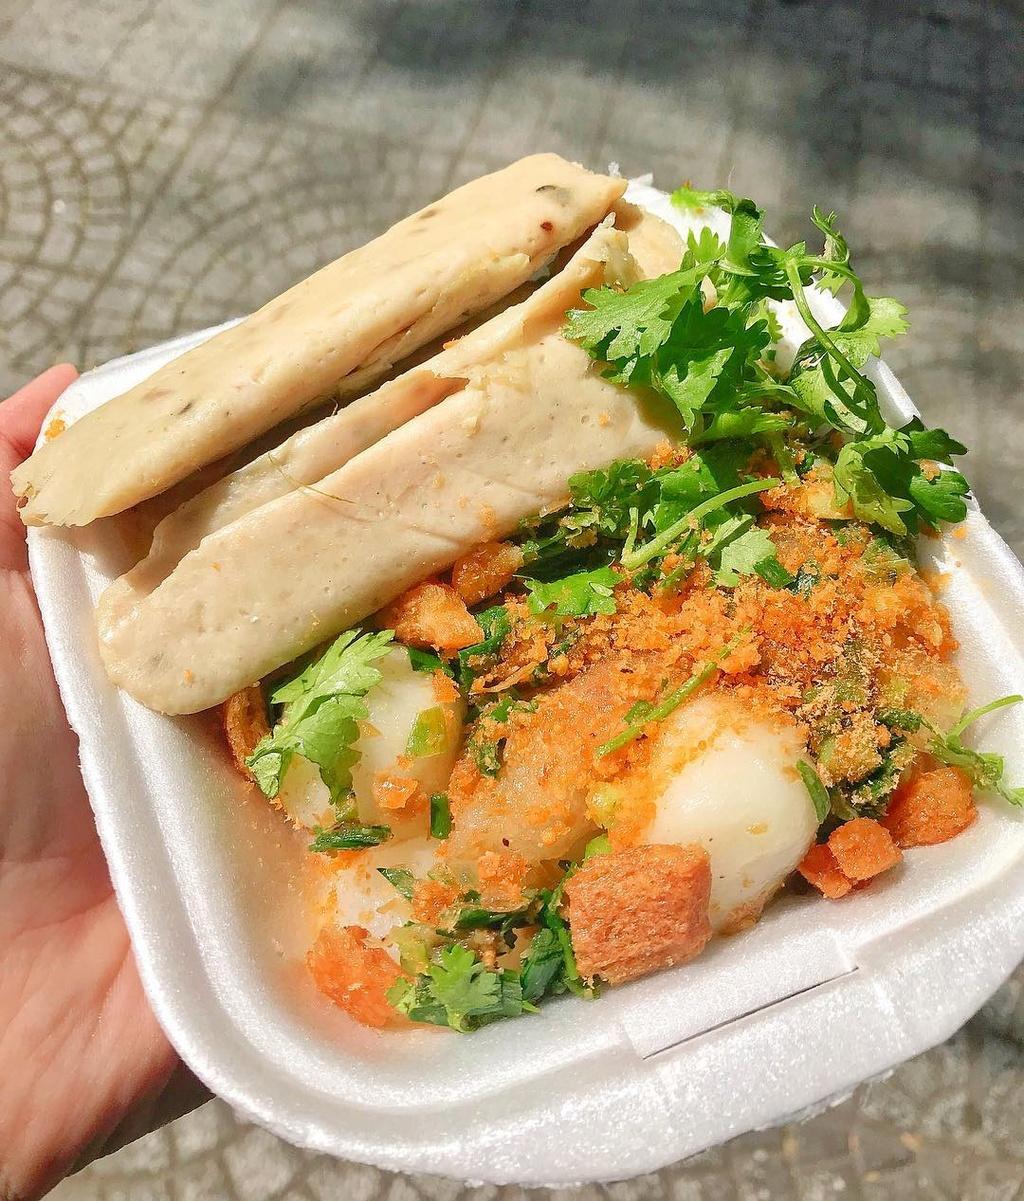 Nhung hang an ngon noi tieng cho Ben Thanh hinh anh 10 4_karla.foodblog.jpg